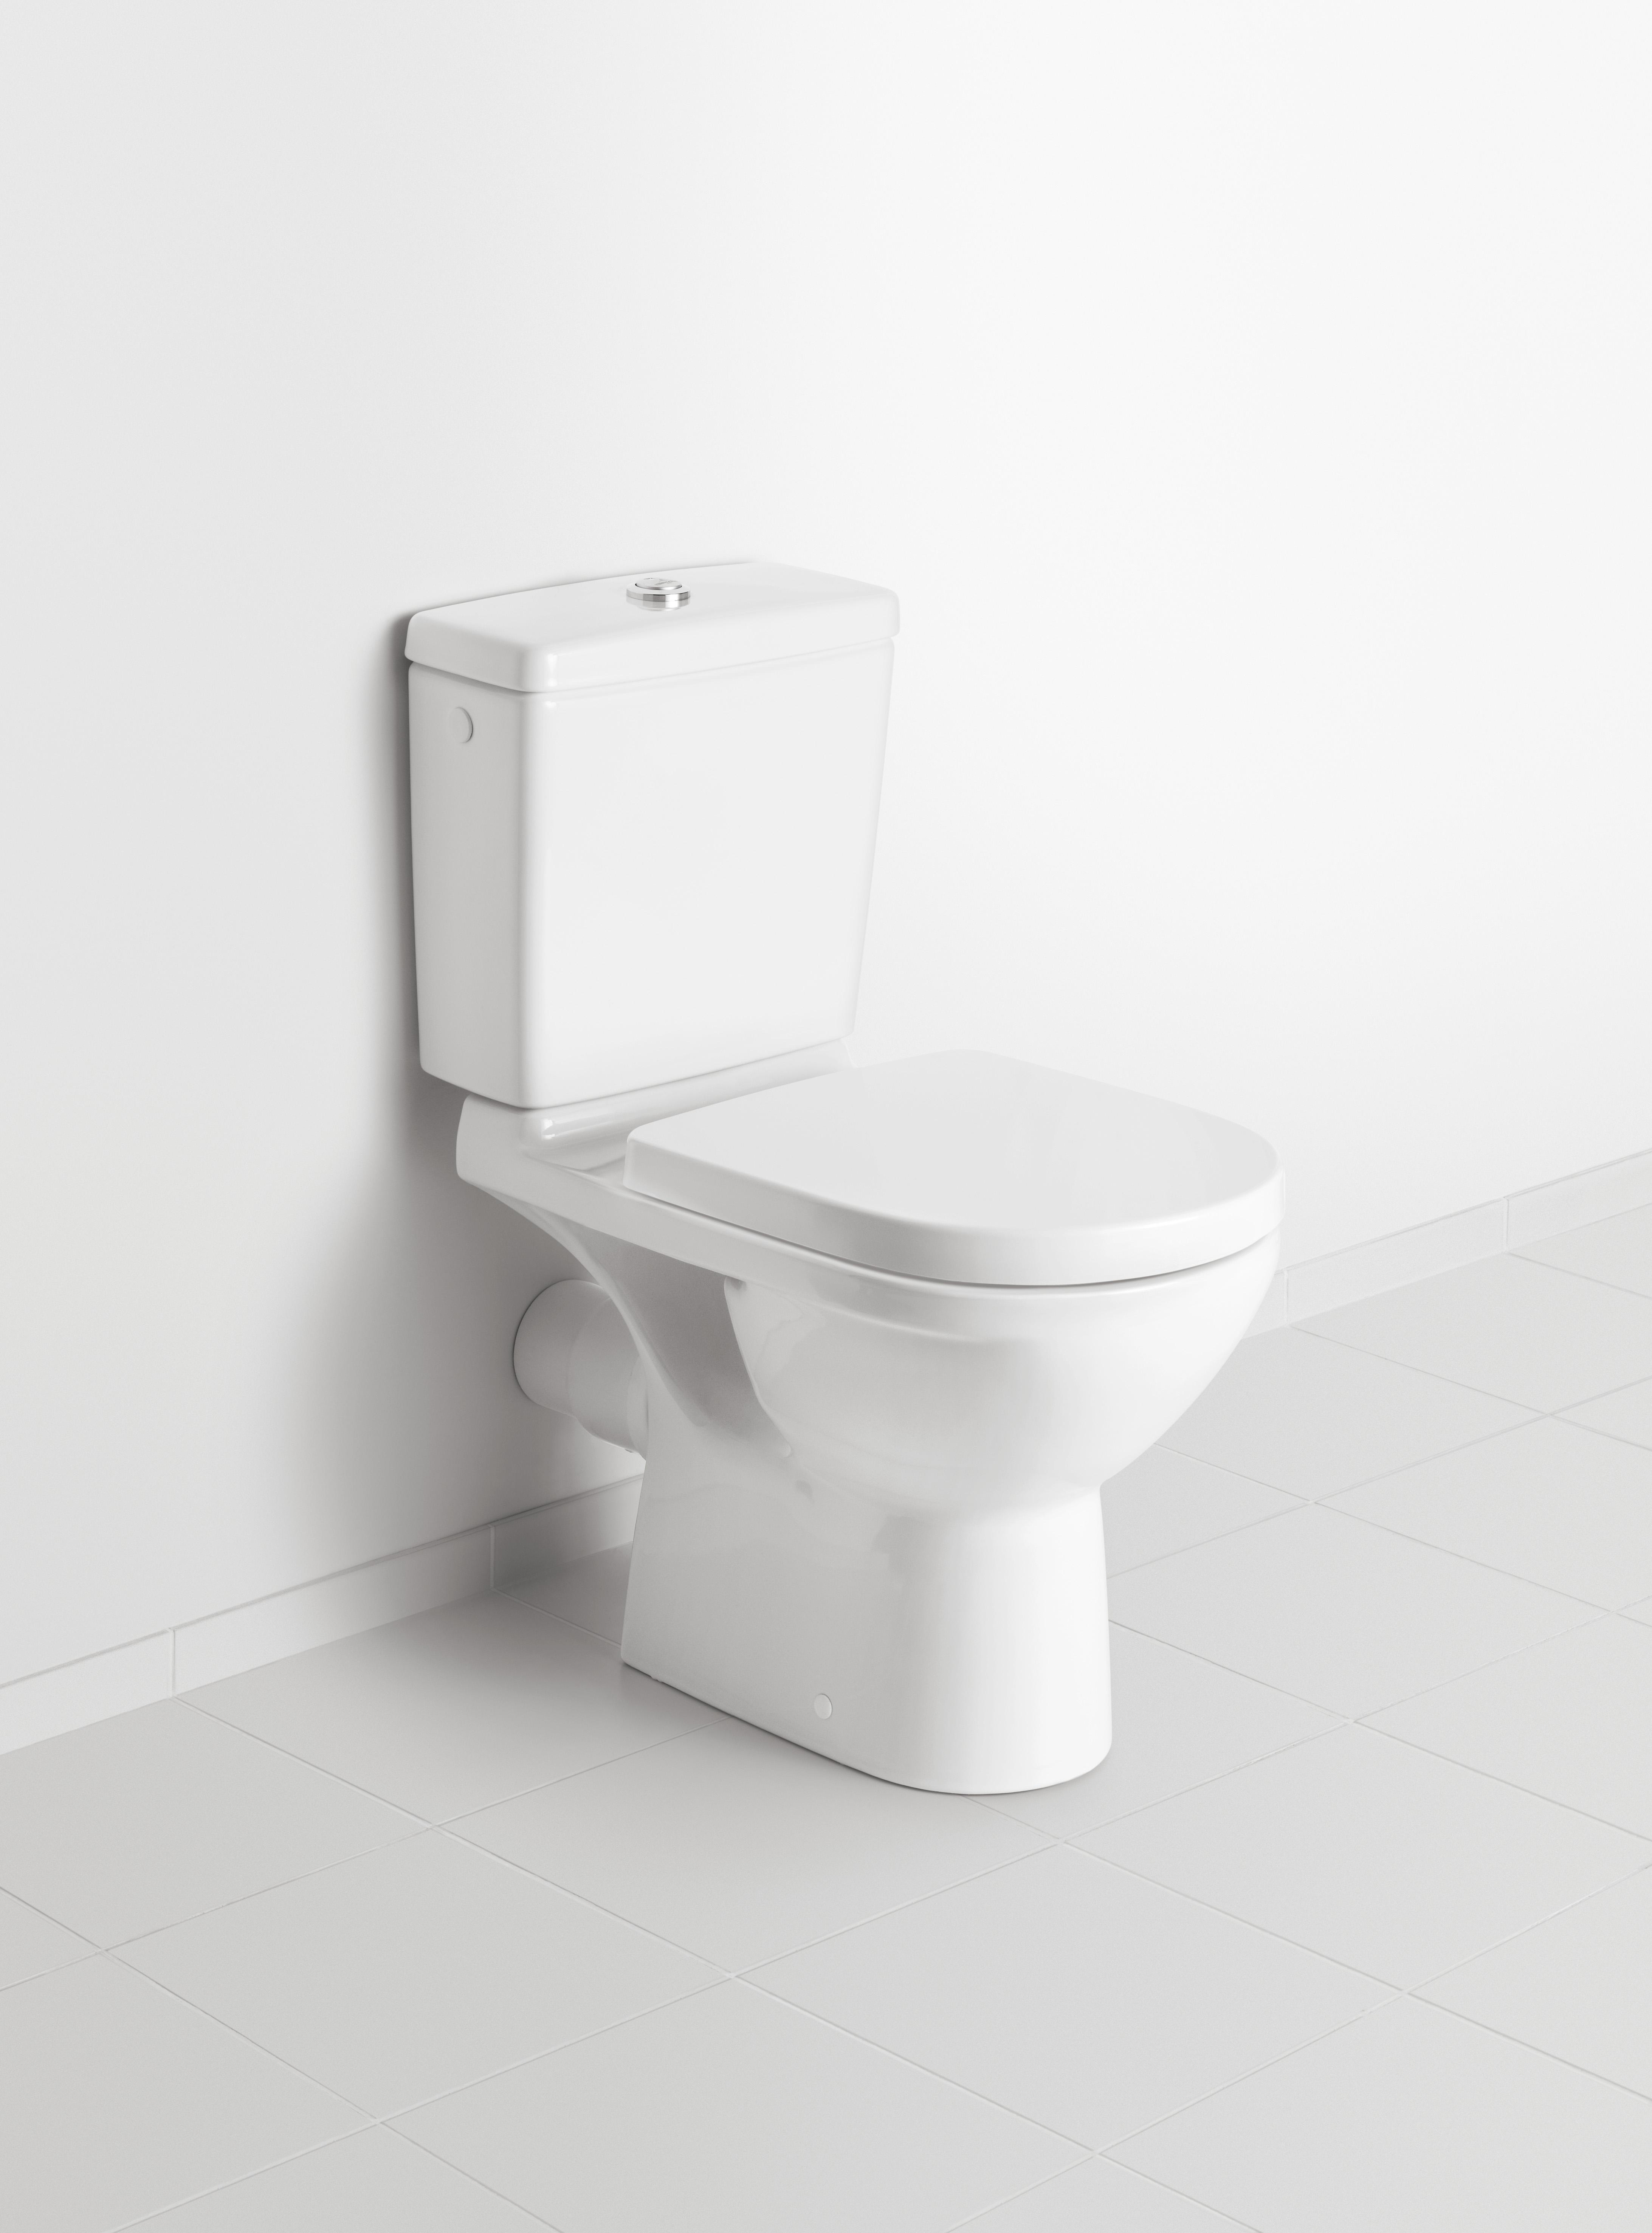 O.novo WC, WC-Kombination bodenstehend, Toiletten, Tiefspülklosett